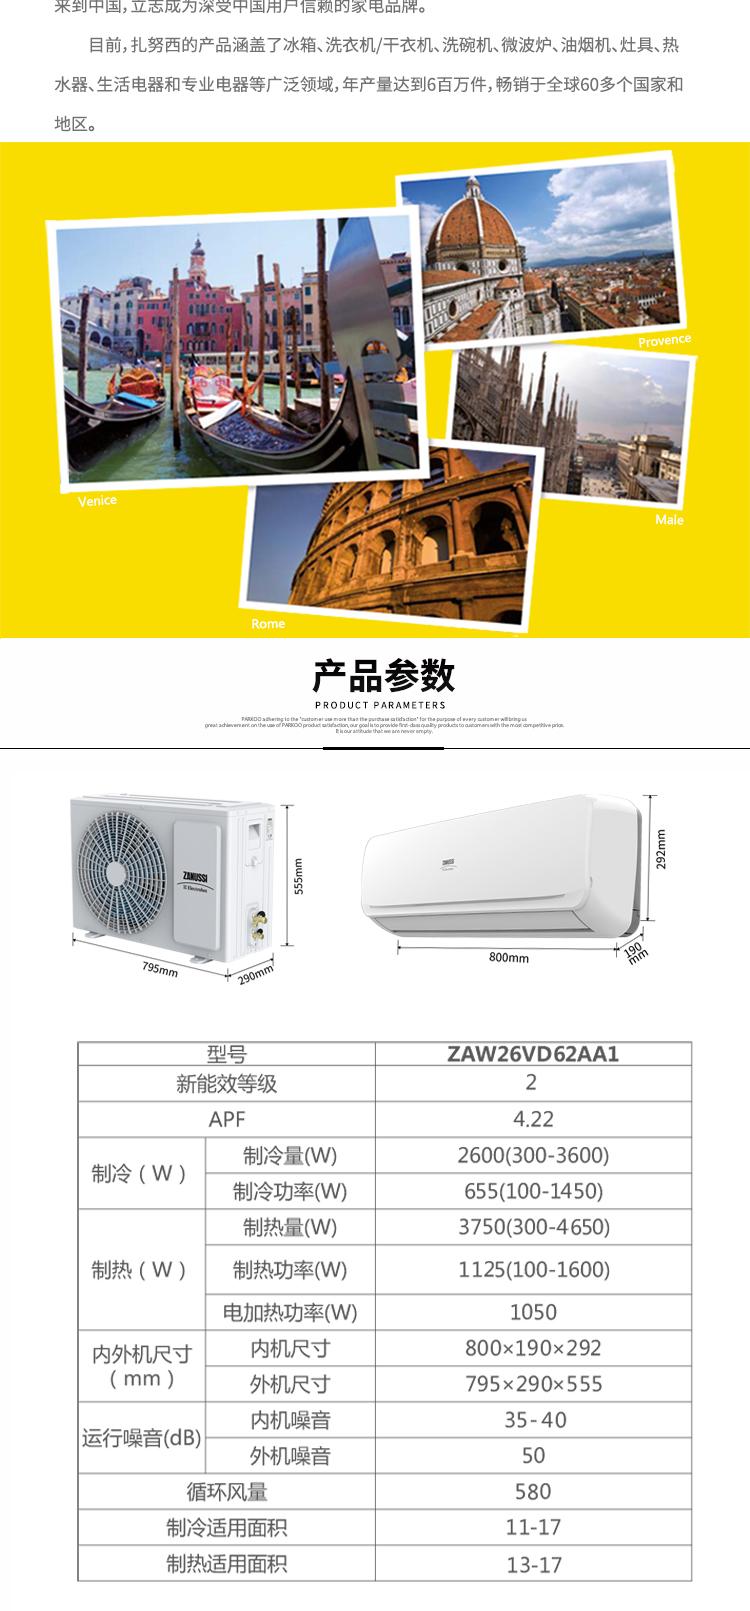 【苏宁专供】扎努西·伊莱克斯空调 ZAW26VD62AA1